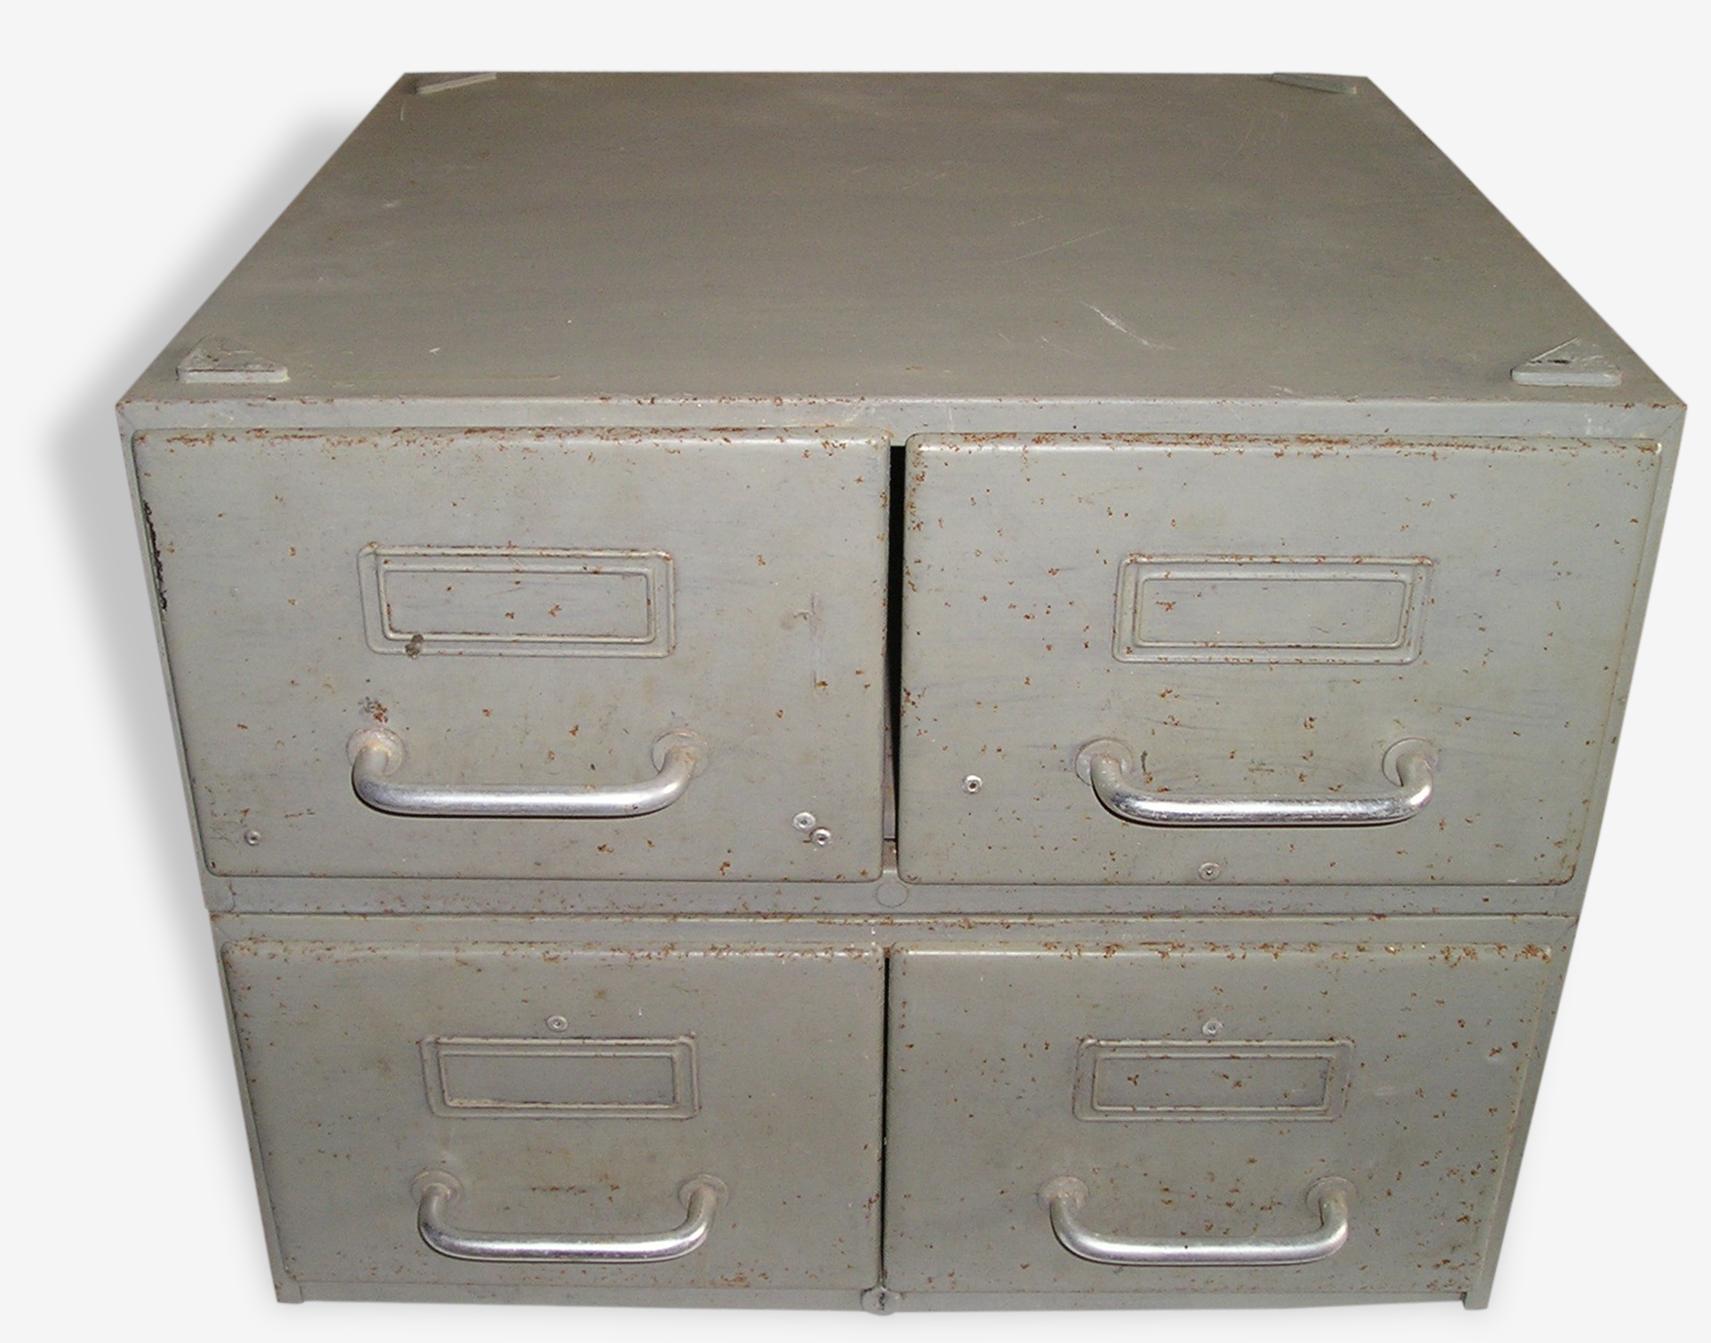 Ensemble de 2 casiers métalliques Flambo à 2 tiroirs, indus